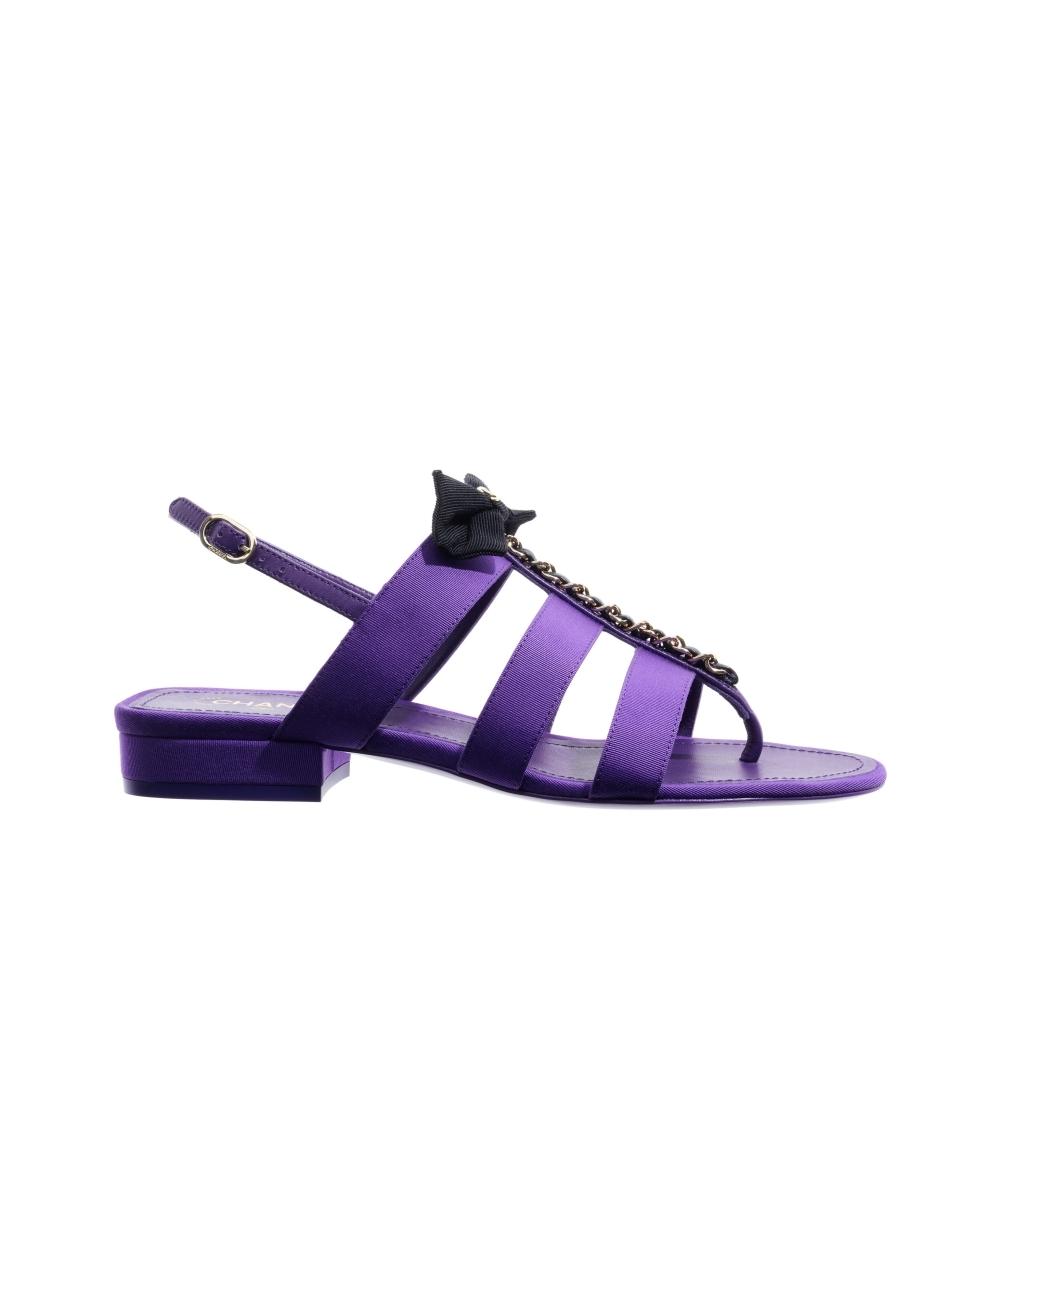 香奈兒秋冬再放大絕!華麗運動裝束、超萌毛絨手袋、可拆式高筒靴…讓你跑趴成最美焦點